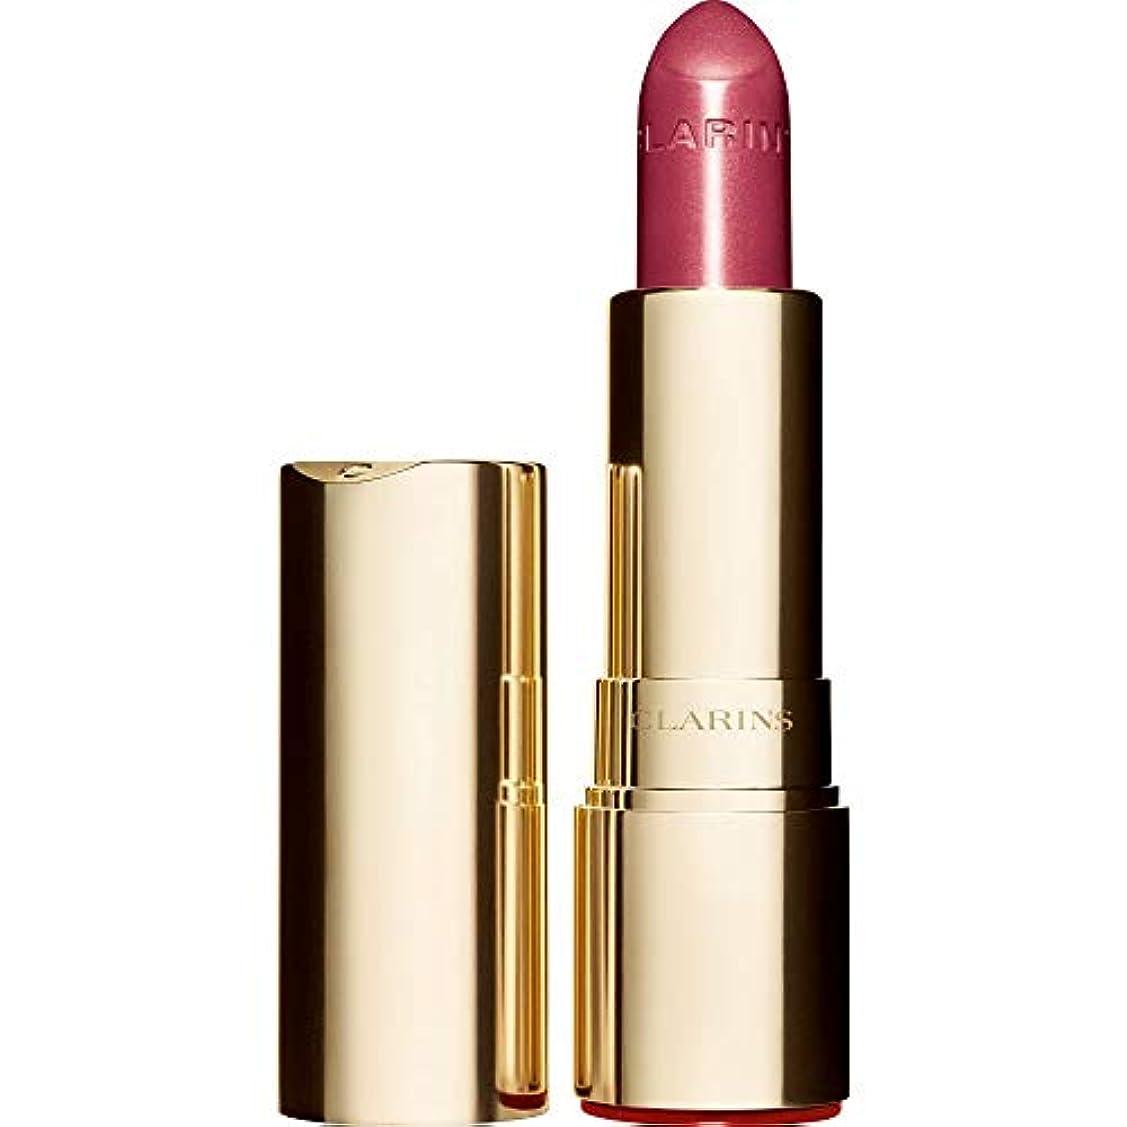 試みる厚い連続した[Clarins ] クラランスジョリルージュブリリアント口紅3.5グラムの755S - レイシ - Clarins Joli Rouge Brillant Lipstick 3.5g 755S - Litchi [並行輸入品]